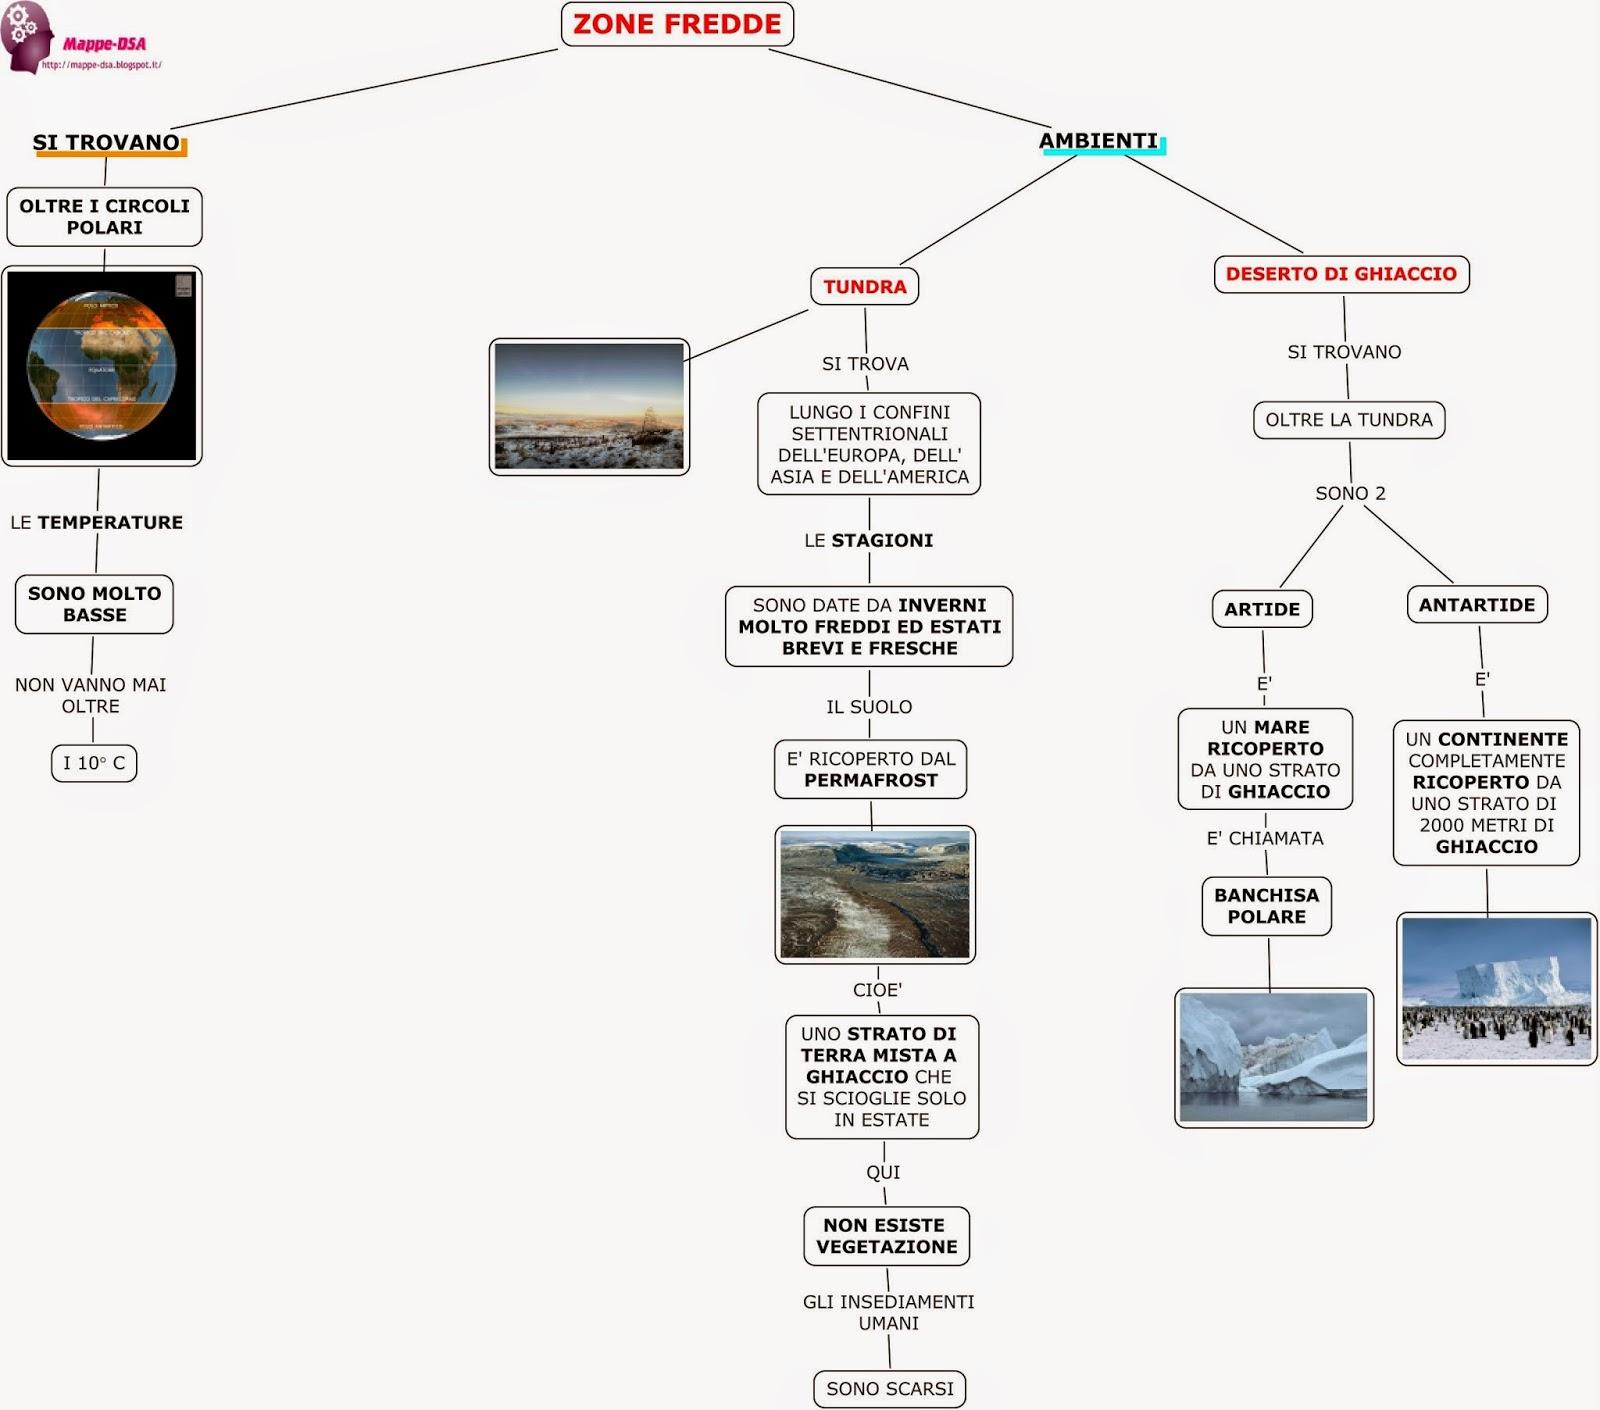 mappa schema dsa geografia zone fredde tundra artide antartide